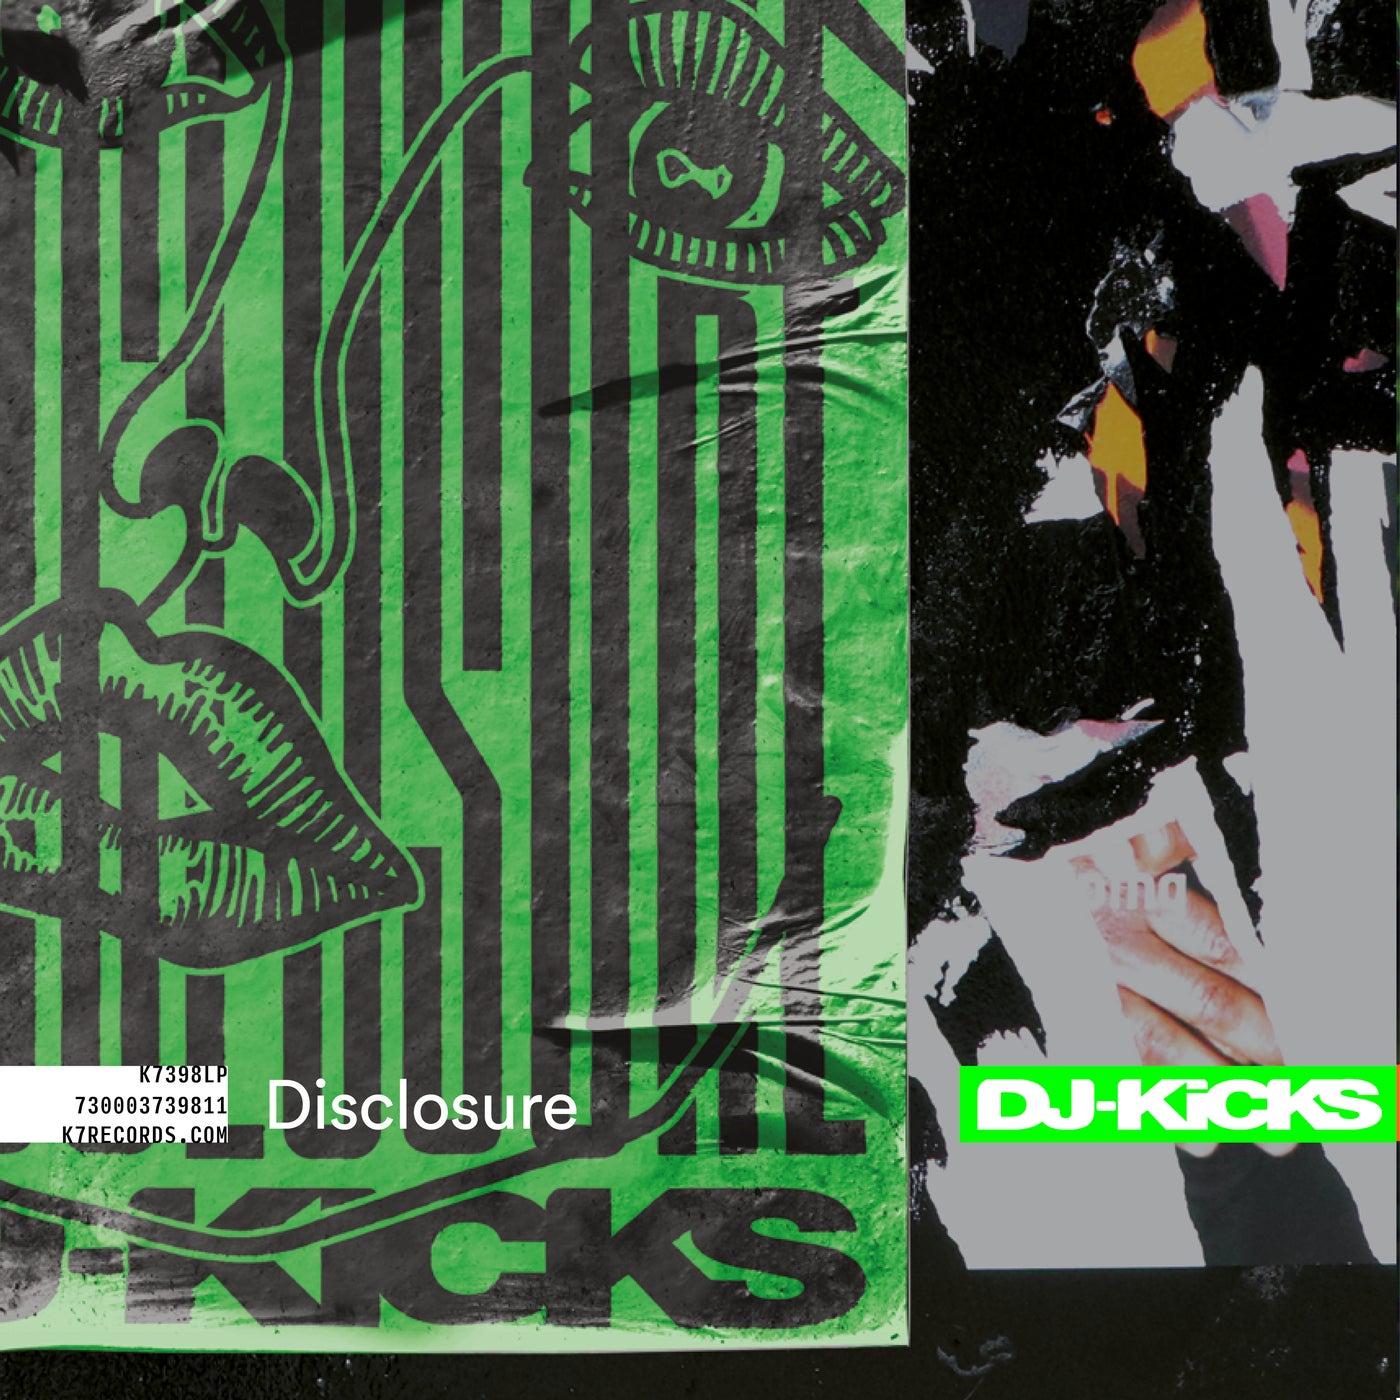 Disclosure – DJ-Kicks Disclosure [K7 Records]